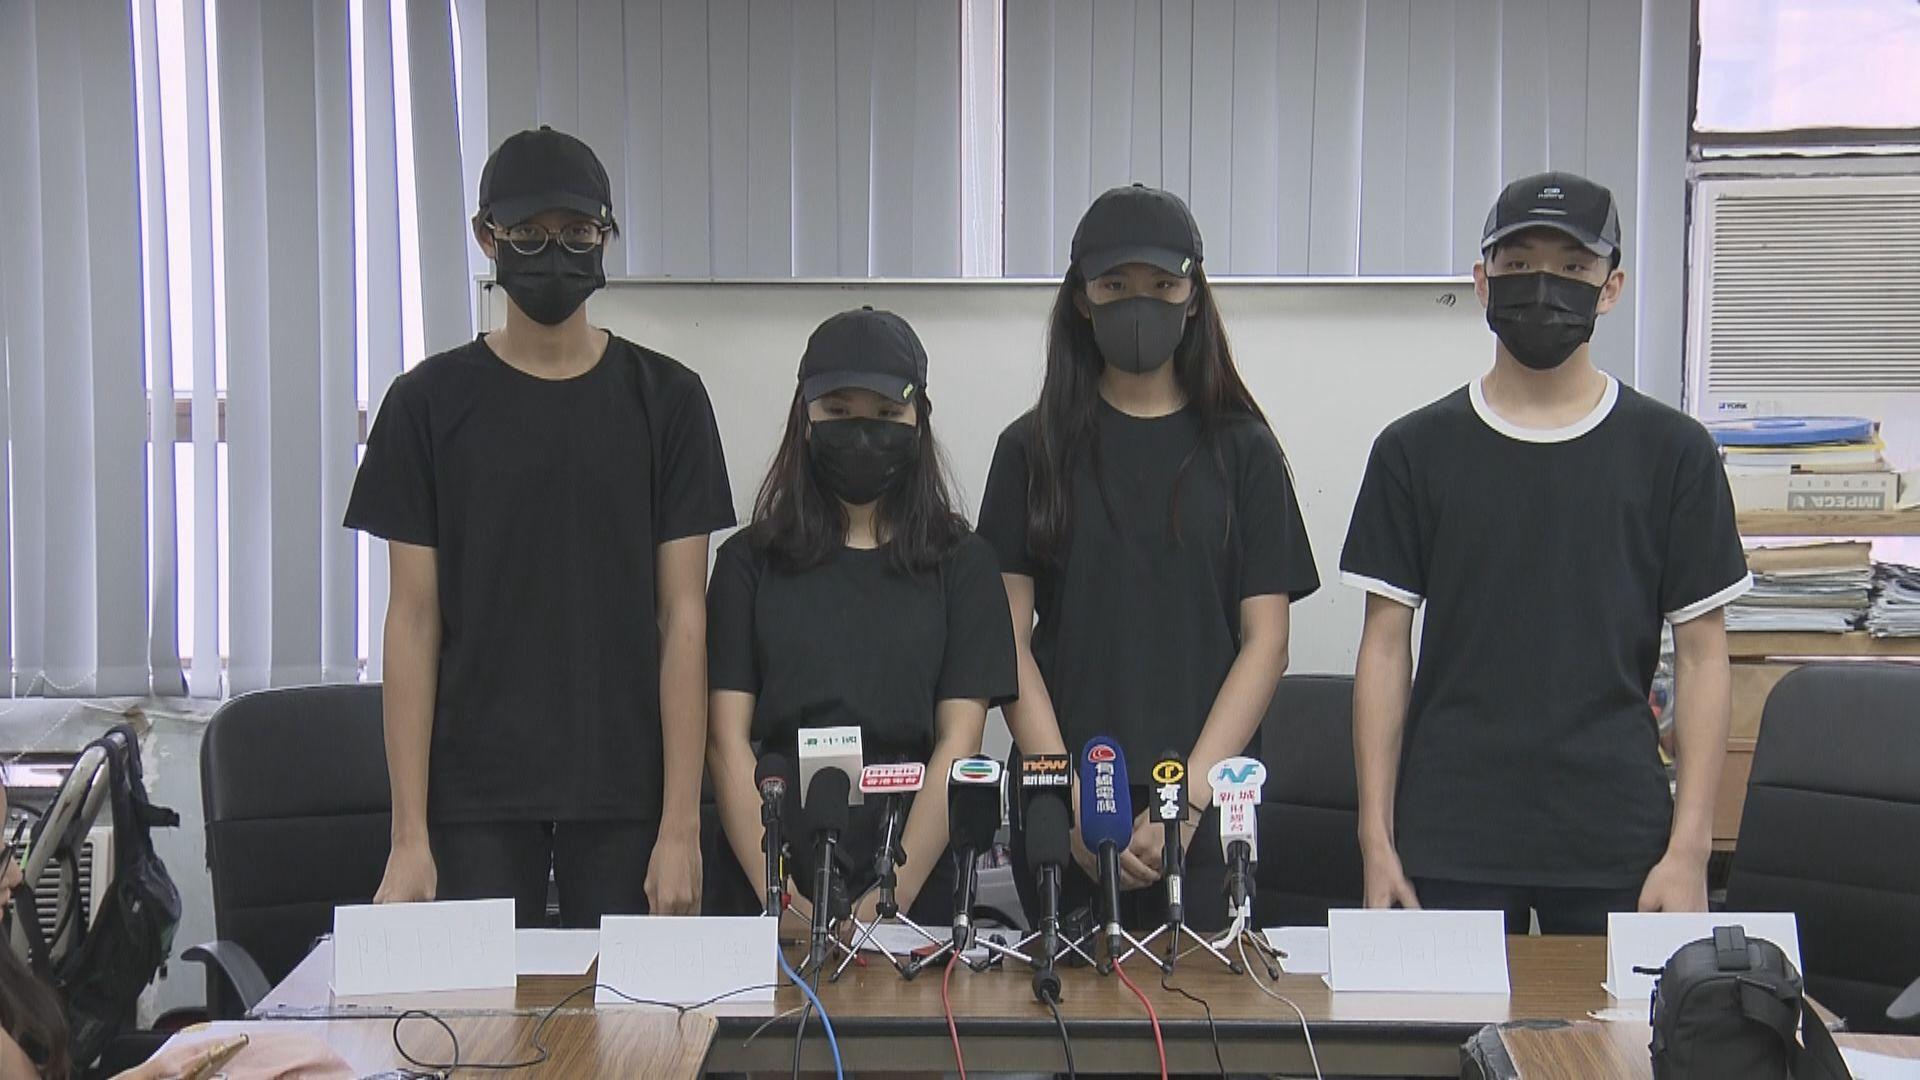 中學生罷課聯盟呼籲下周二罷課或集會